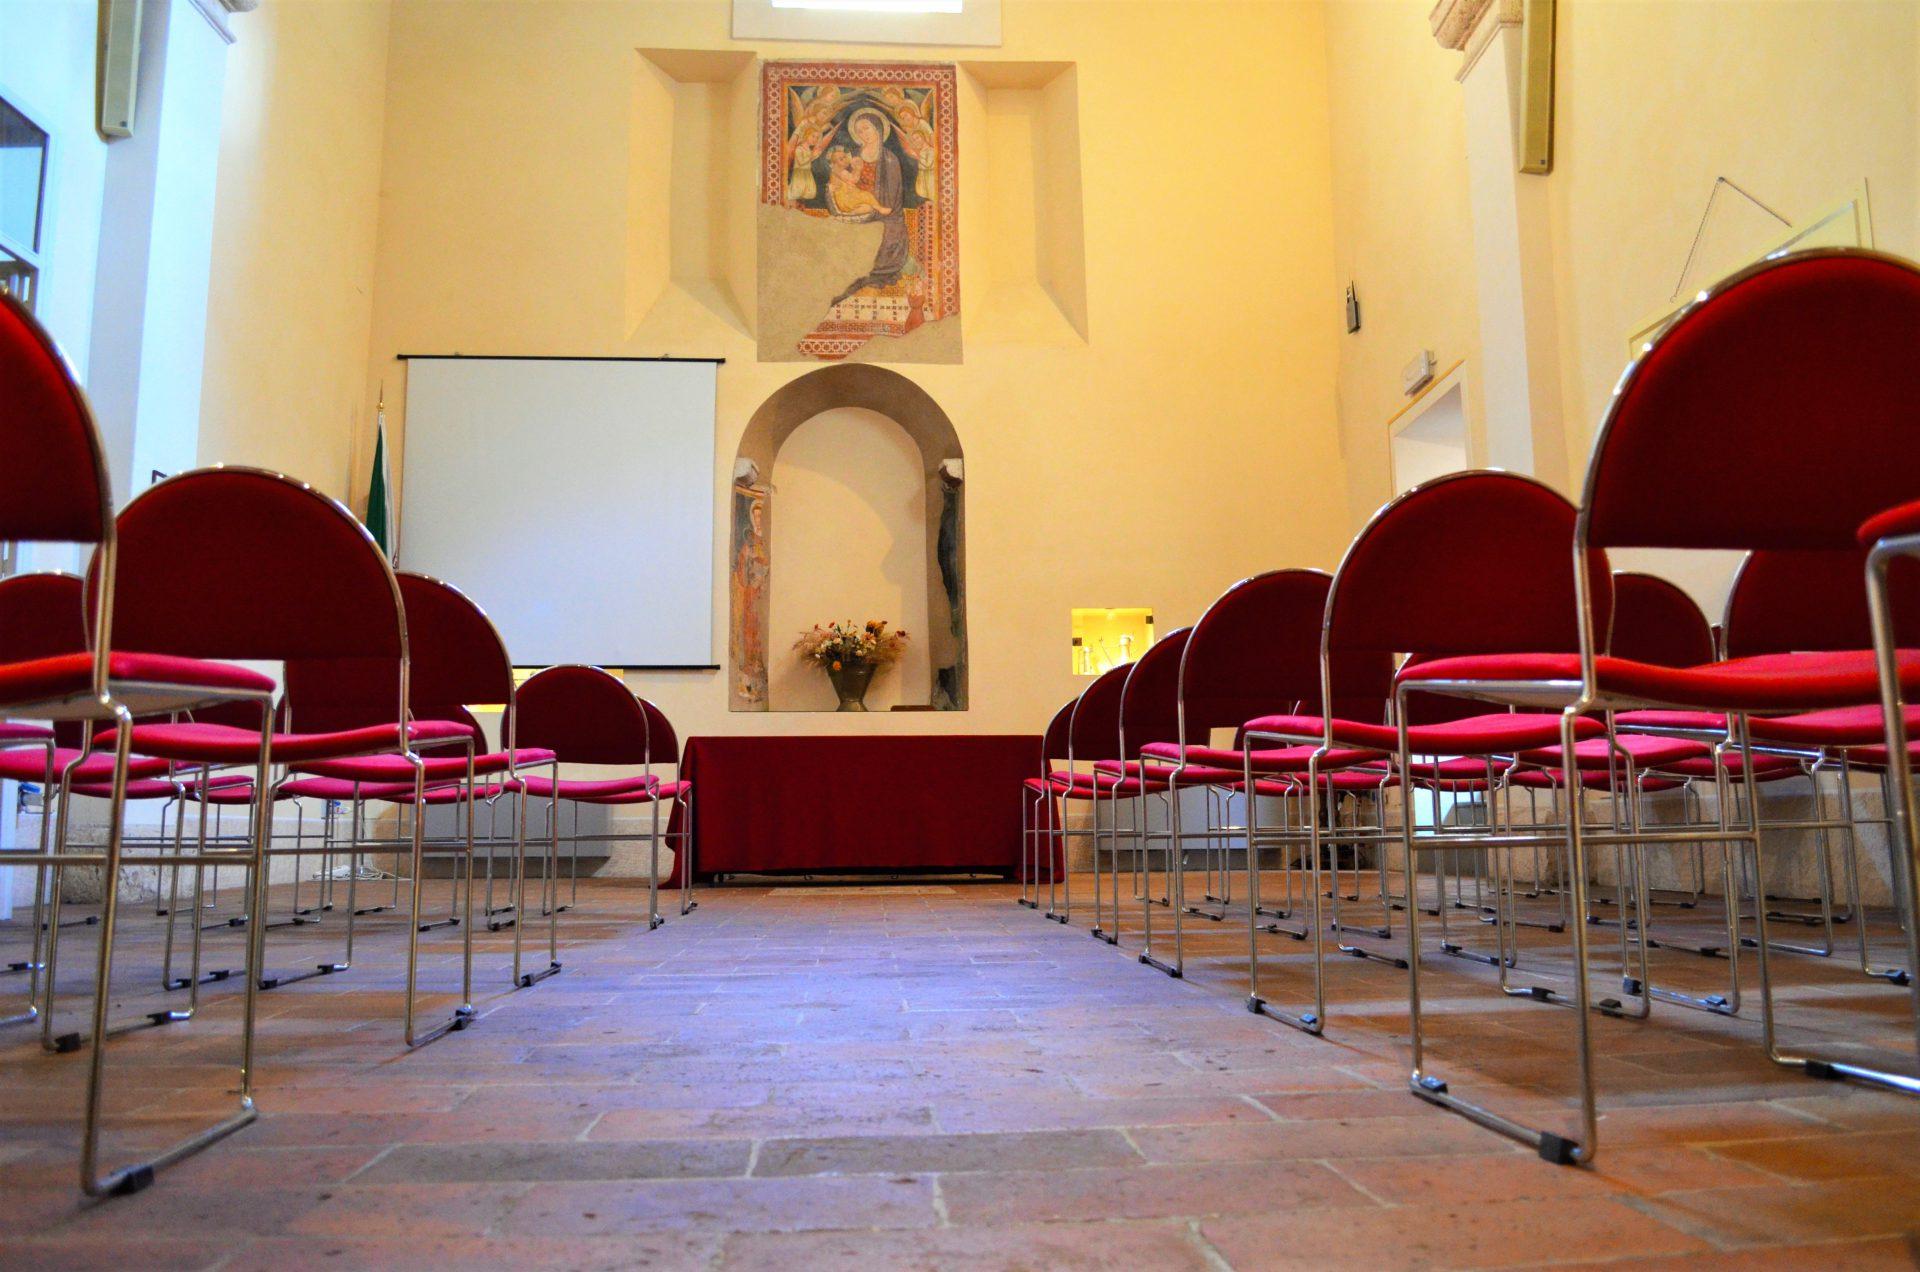 Hotel Fonte Cesia - eventi e business-events and business- eventi e business -convegni- meetings